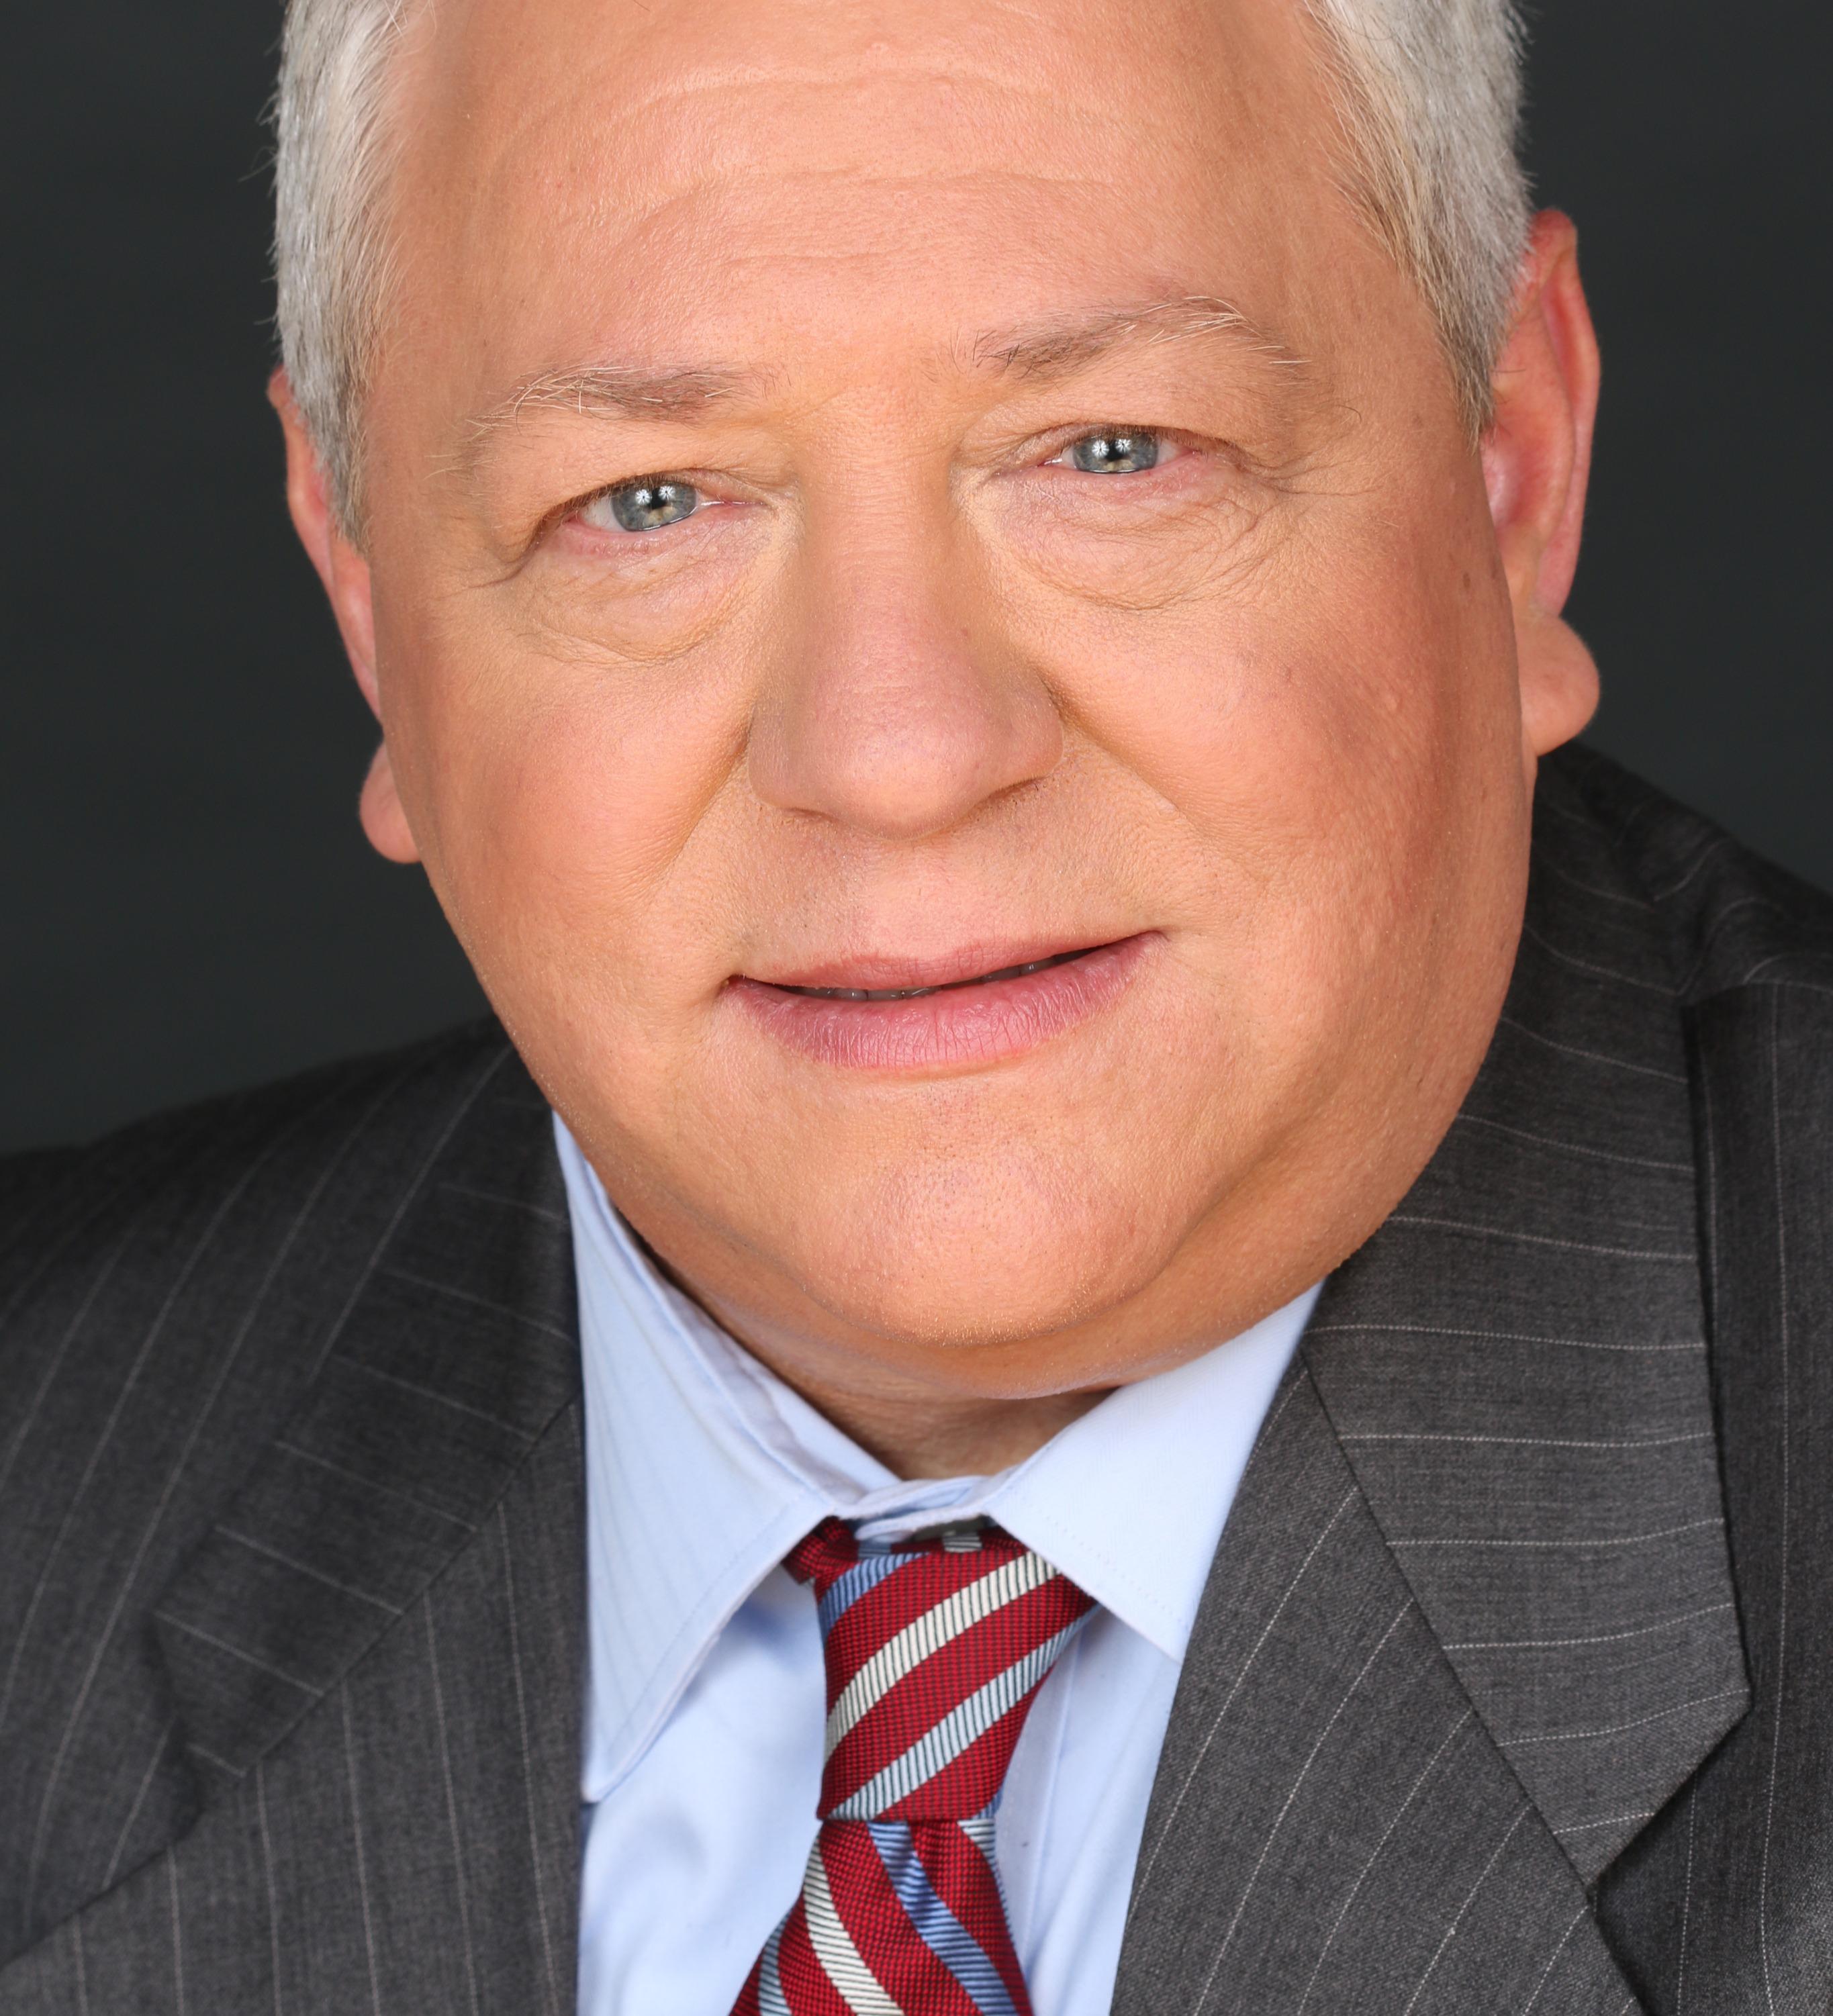 Scott D. Brenner